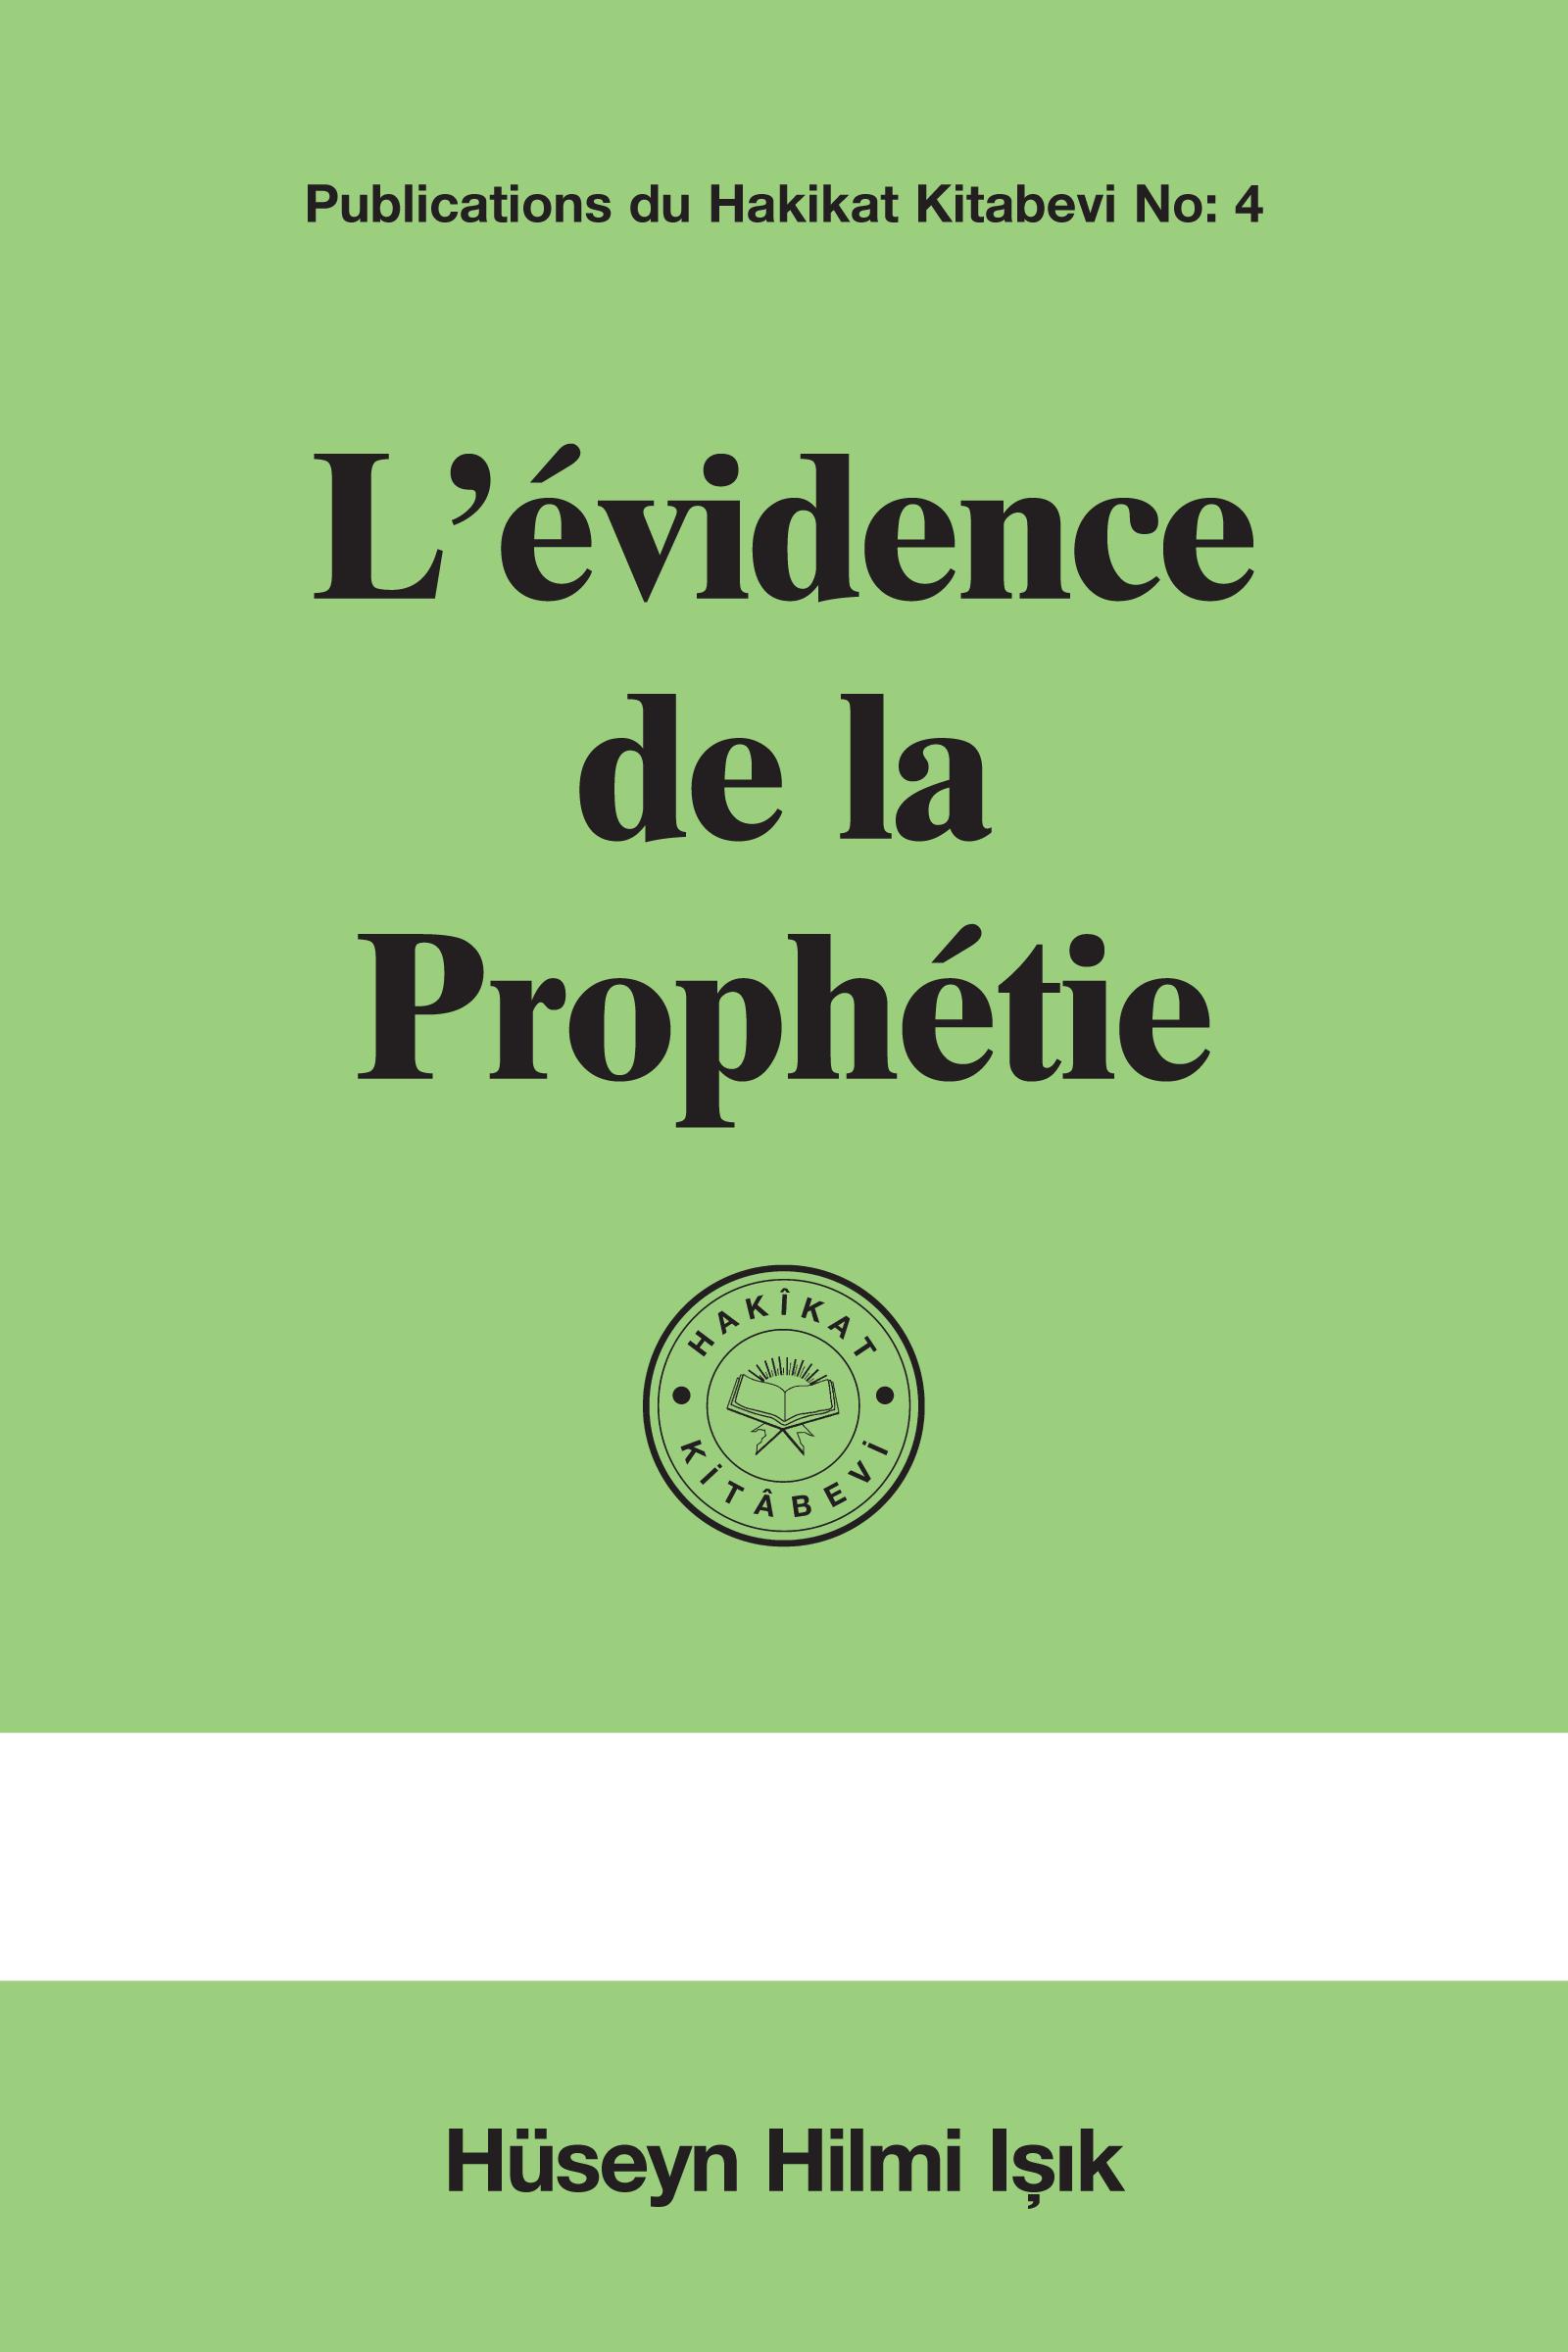 L'évidence de la Prophétie